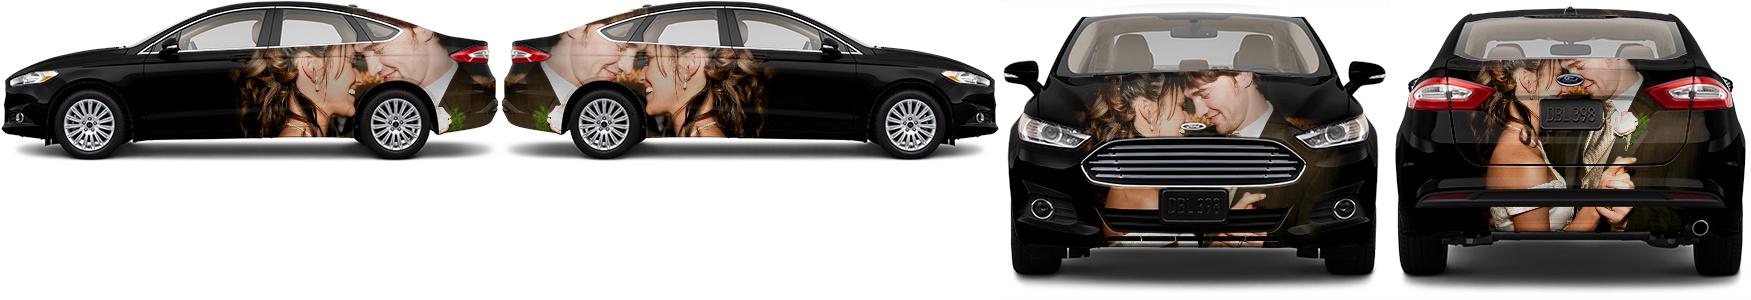 Sedan Wrap #51677